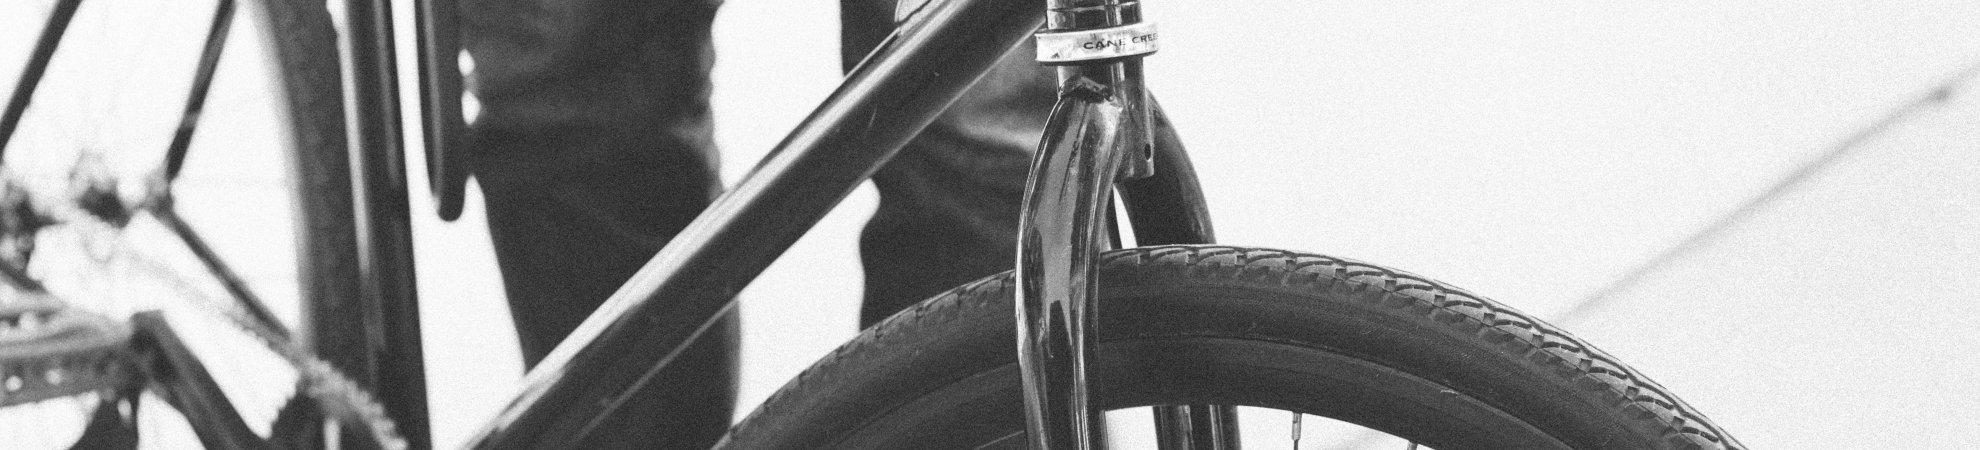 Bike Commuter Jeans